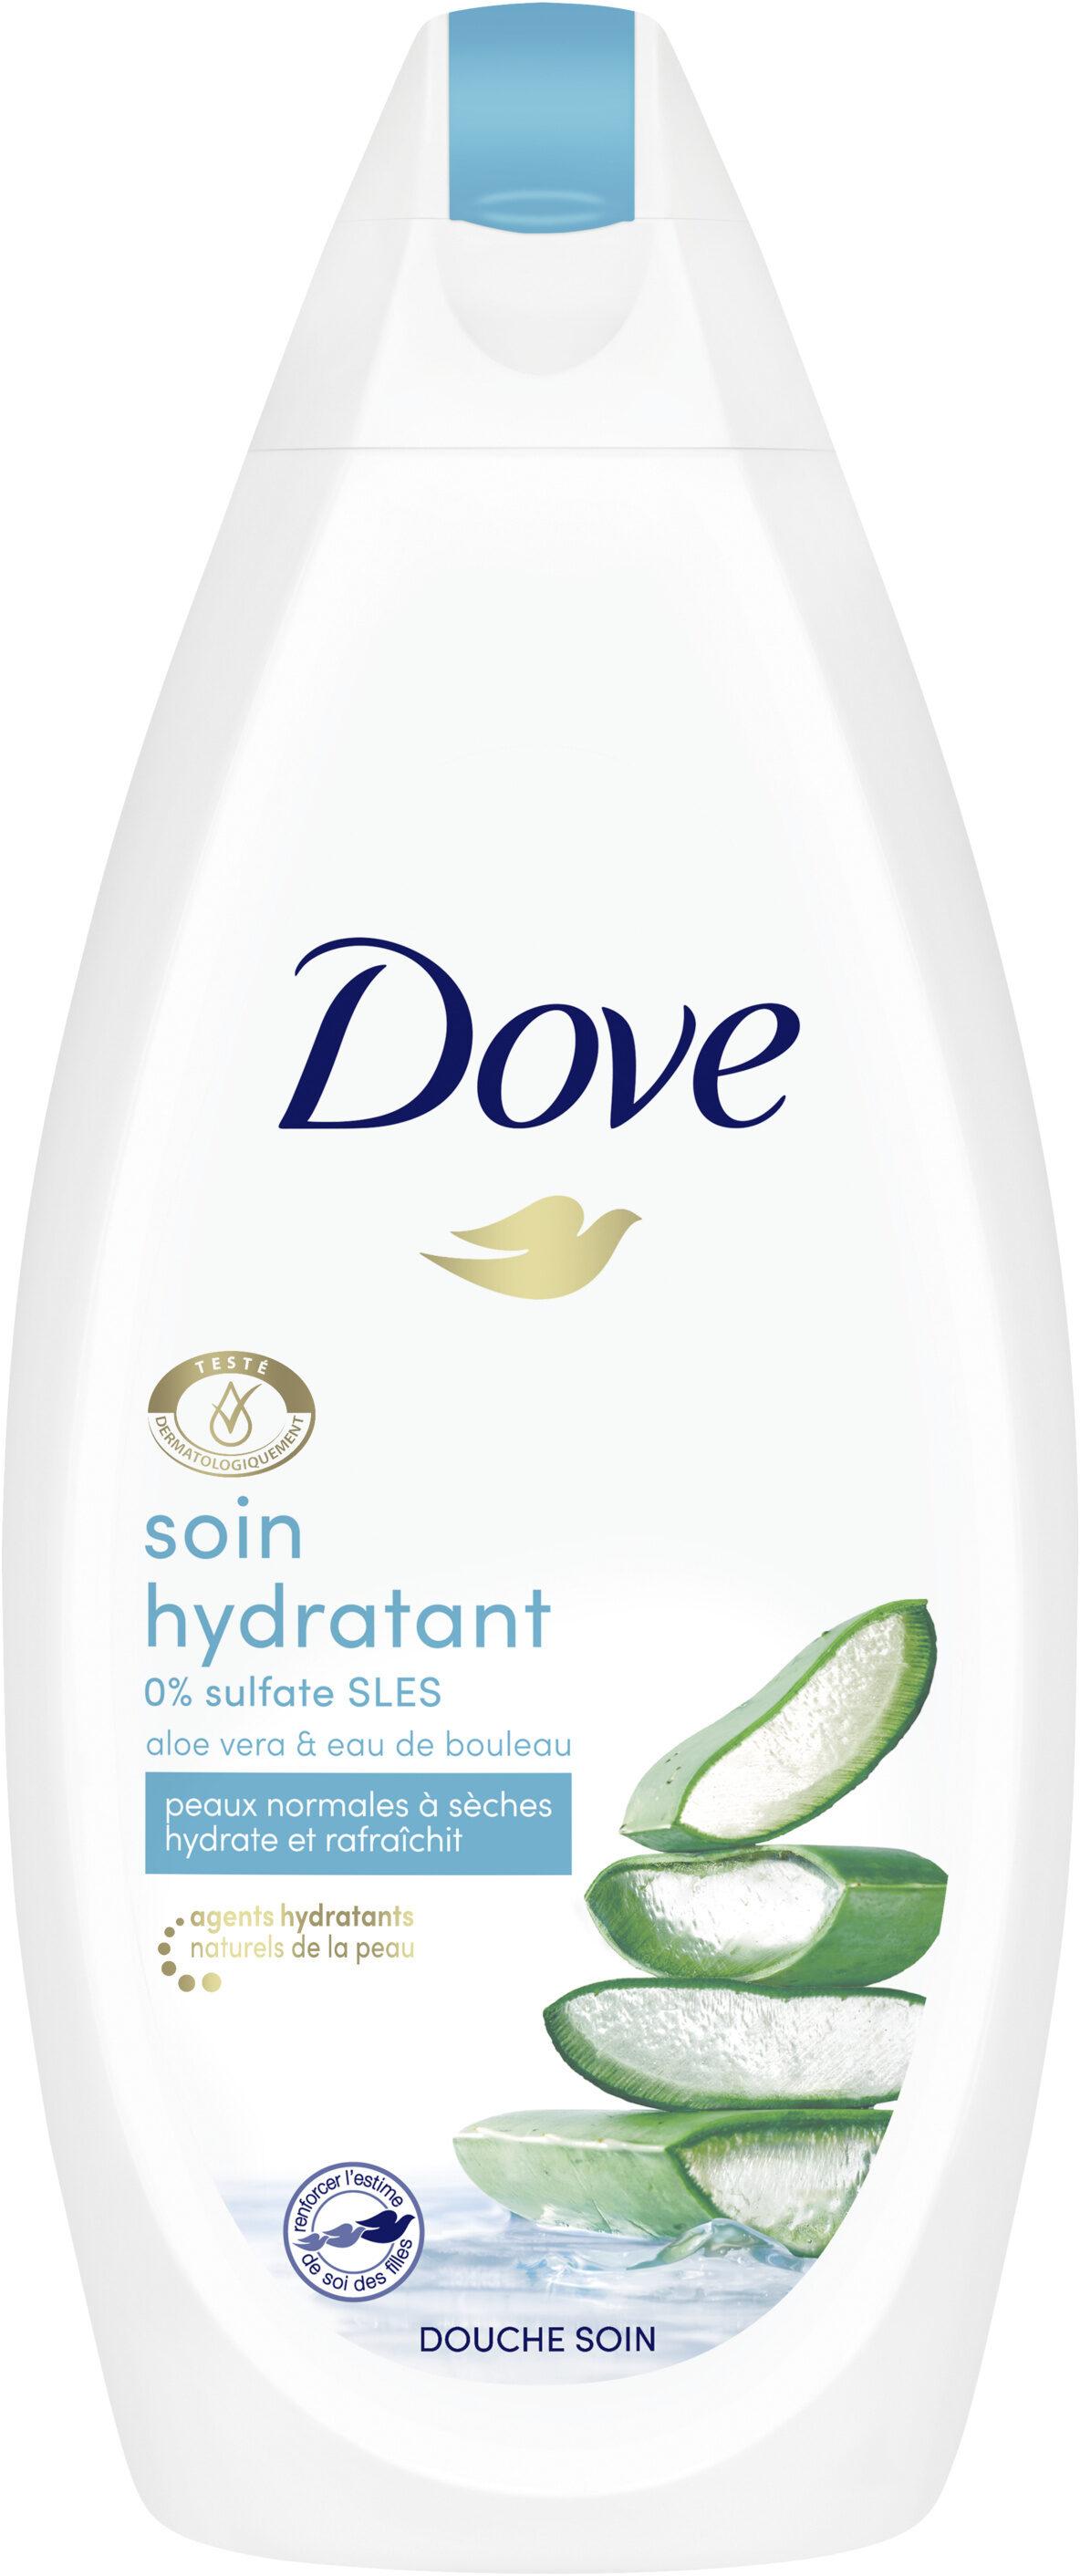 Dove Gel Douche Soin Hydratant - Produit - fr